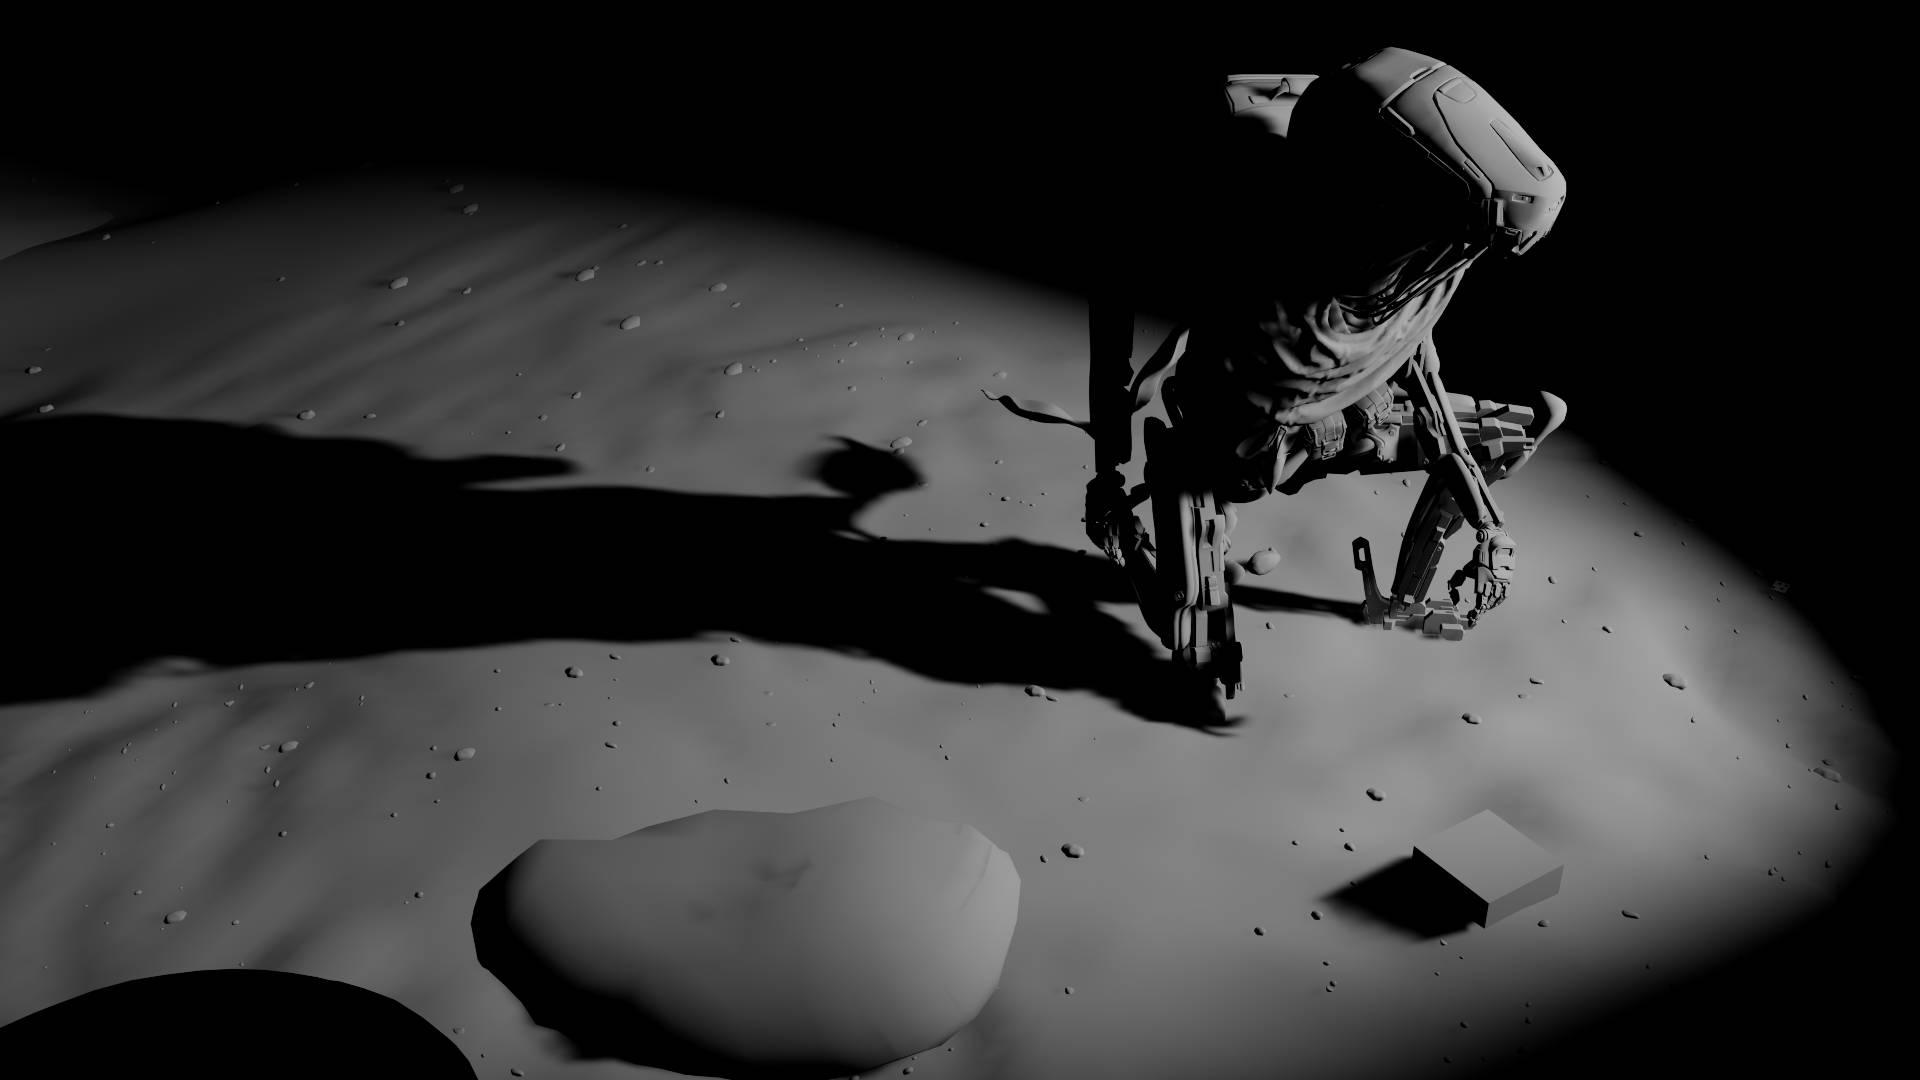 Soft Shadows con EEVEE en Blender 2.81